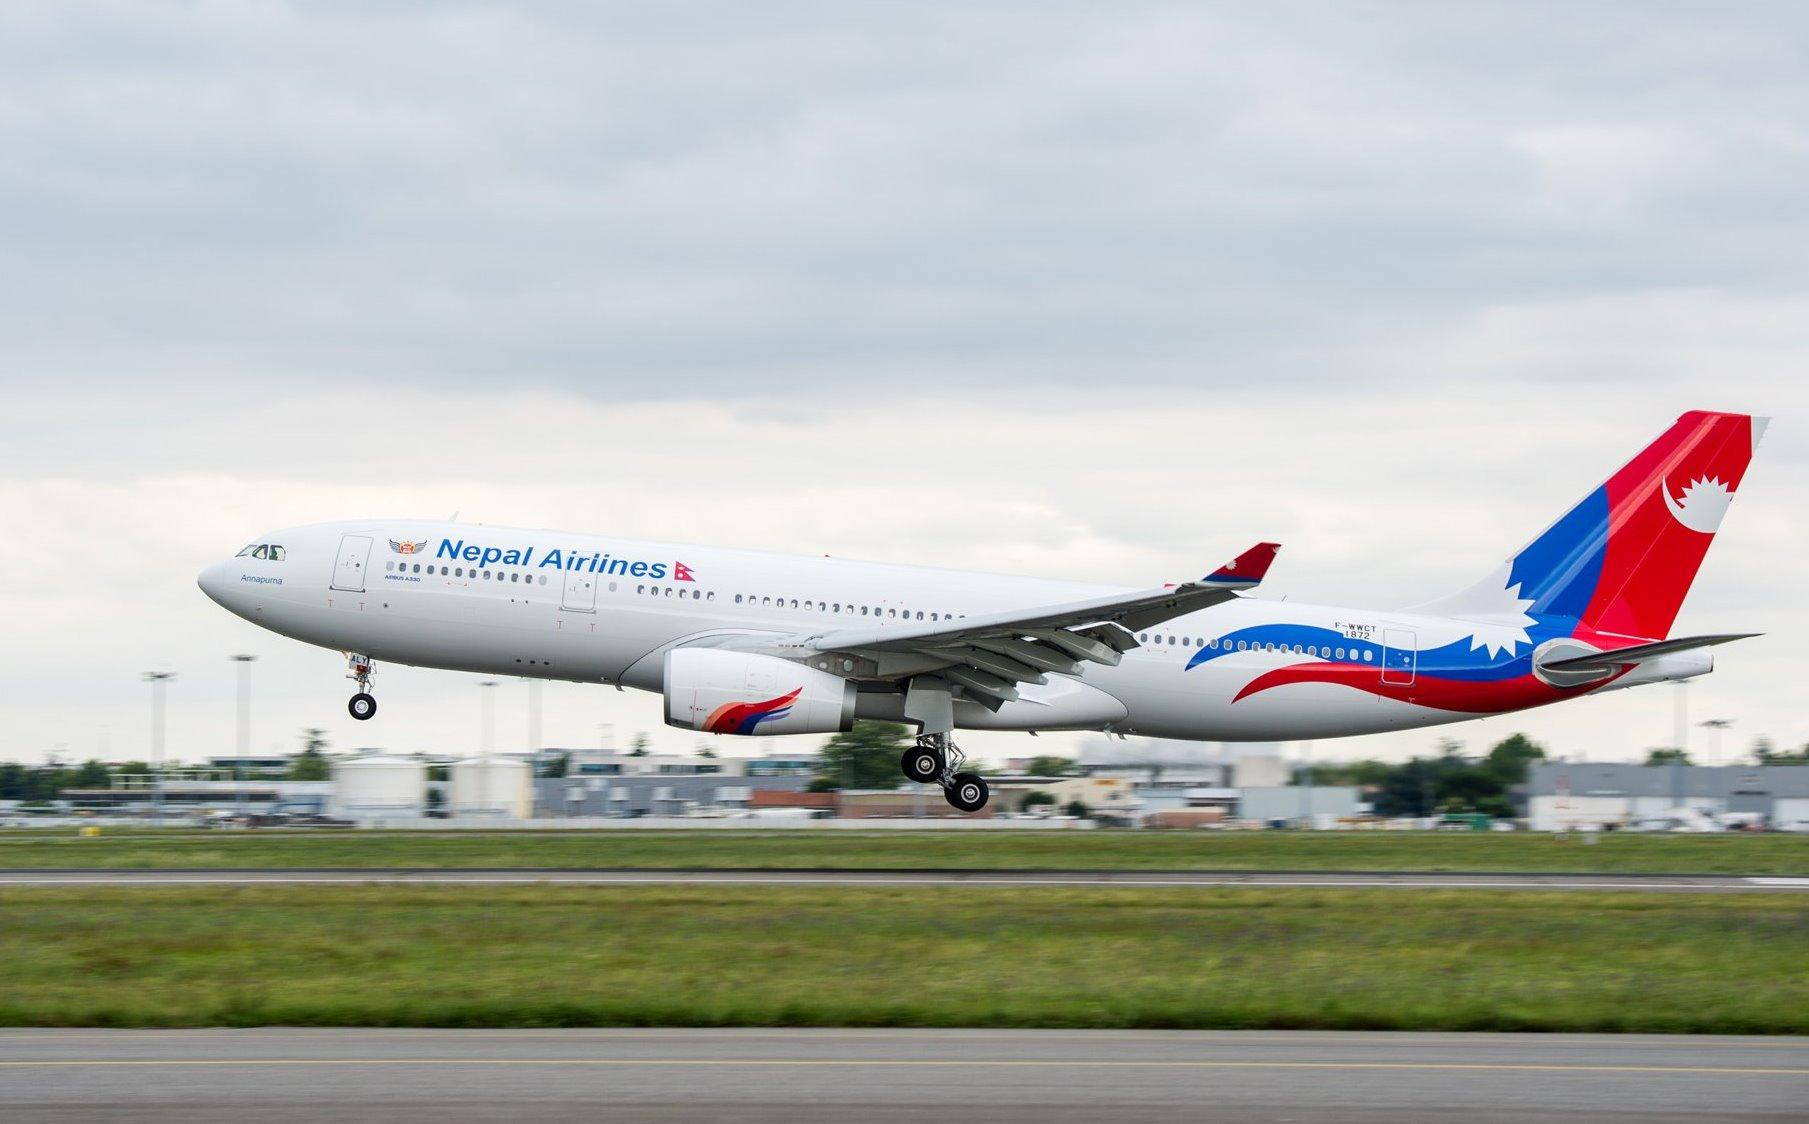 अन्तर्राष्ट्रिय उडानका लागि नेपालका दुईसहित १२ एयरलाइन्सको प्रस्ताव